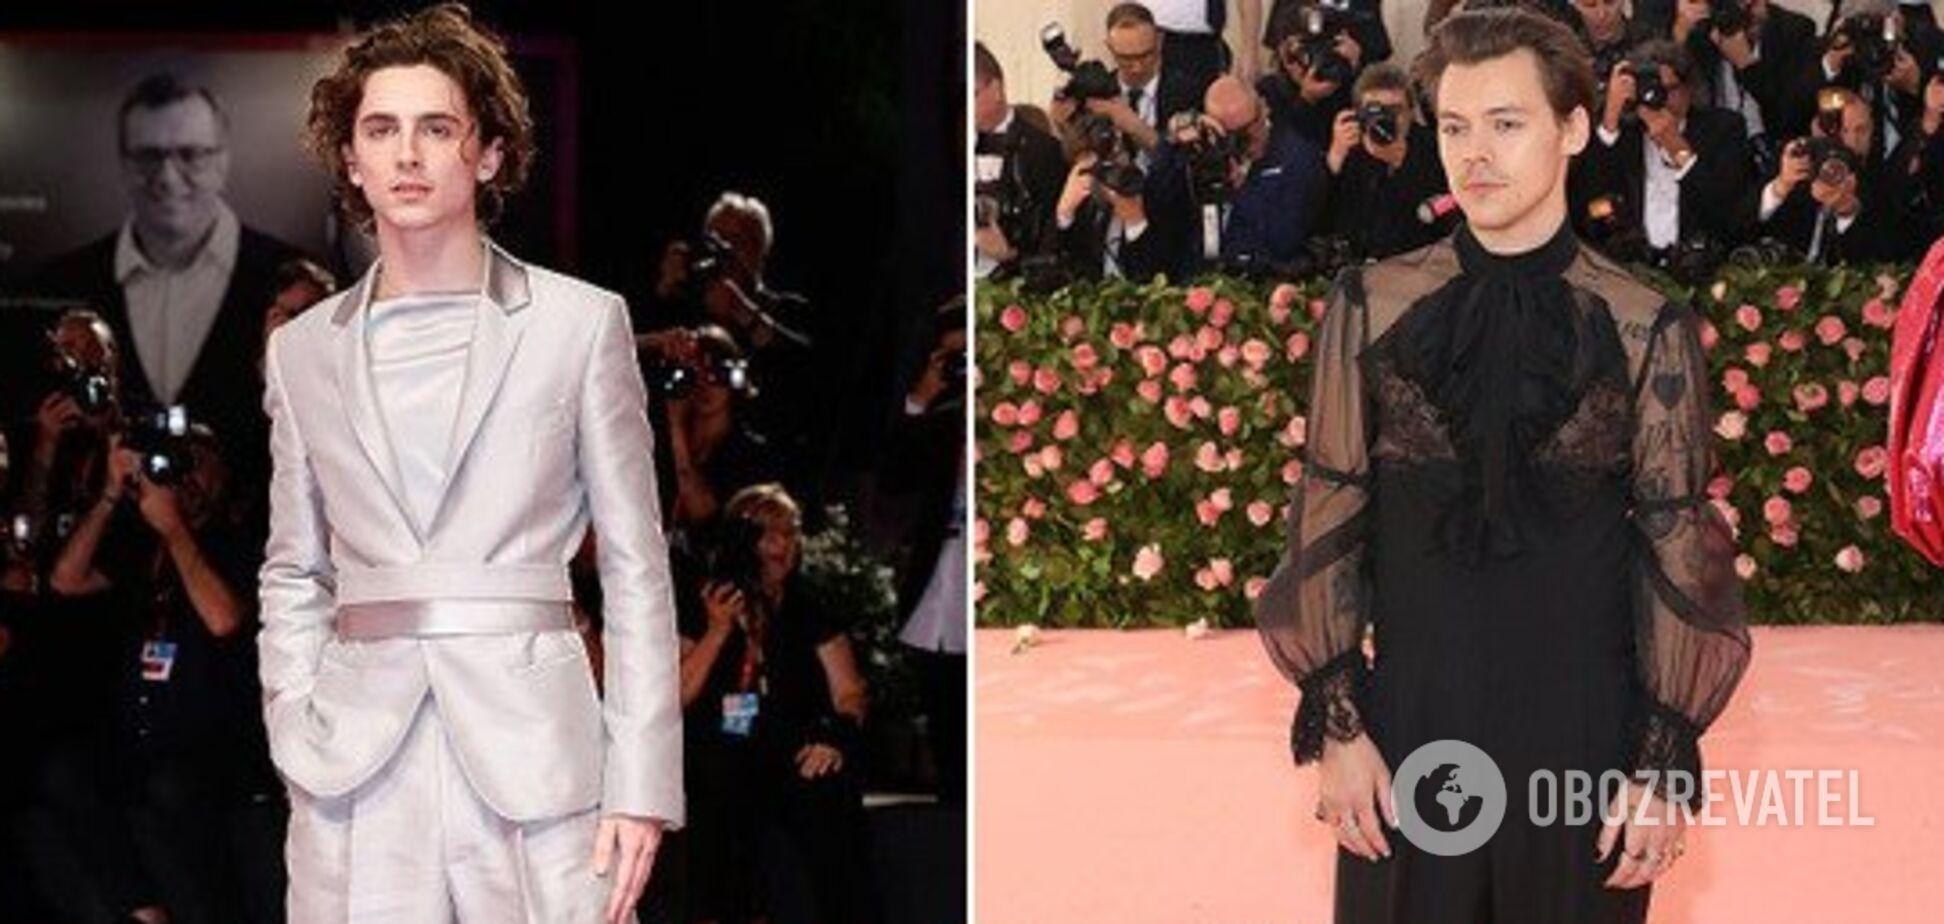 Названы самые стильные мужчины уходящего десятилетия. Фото